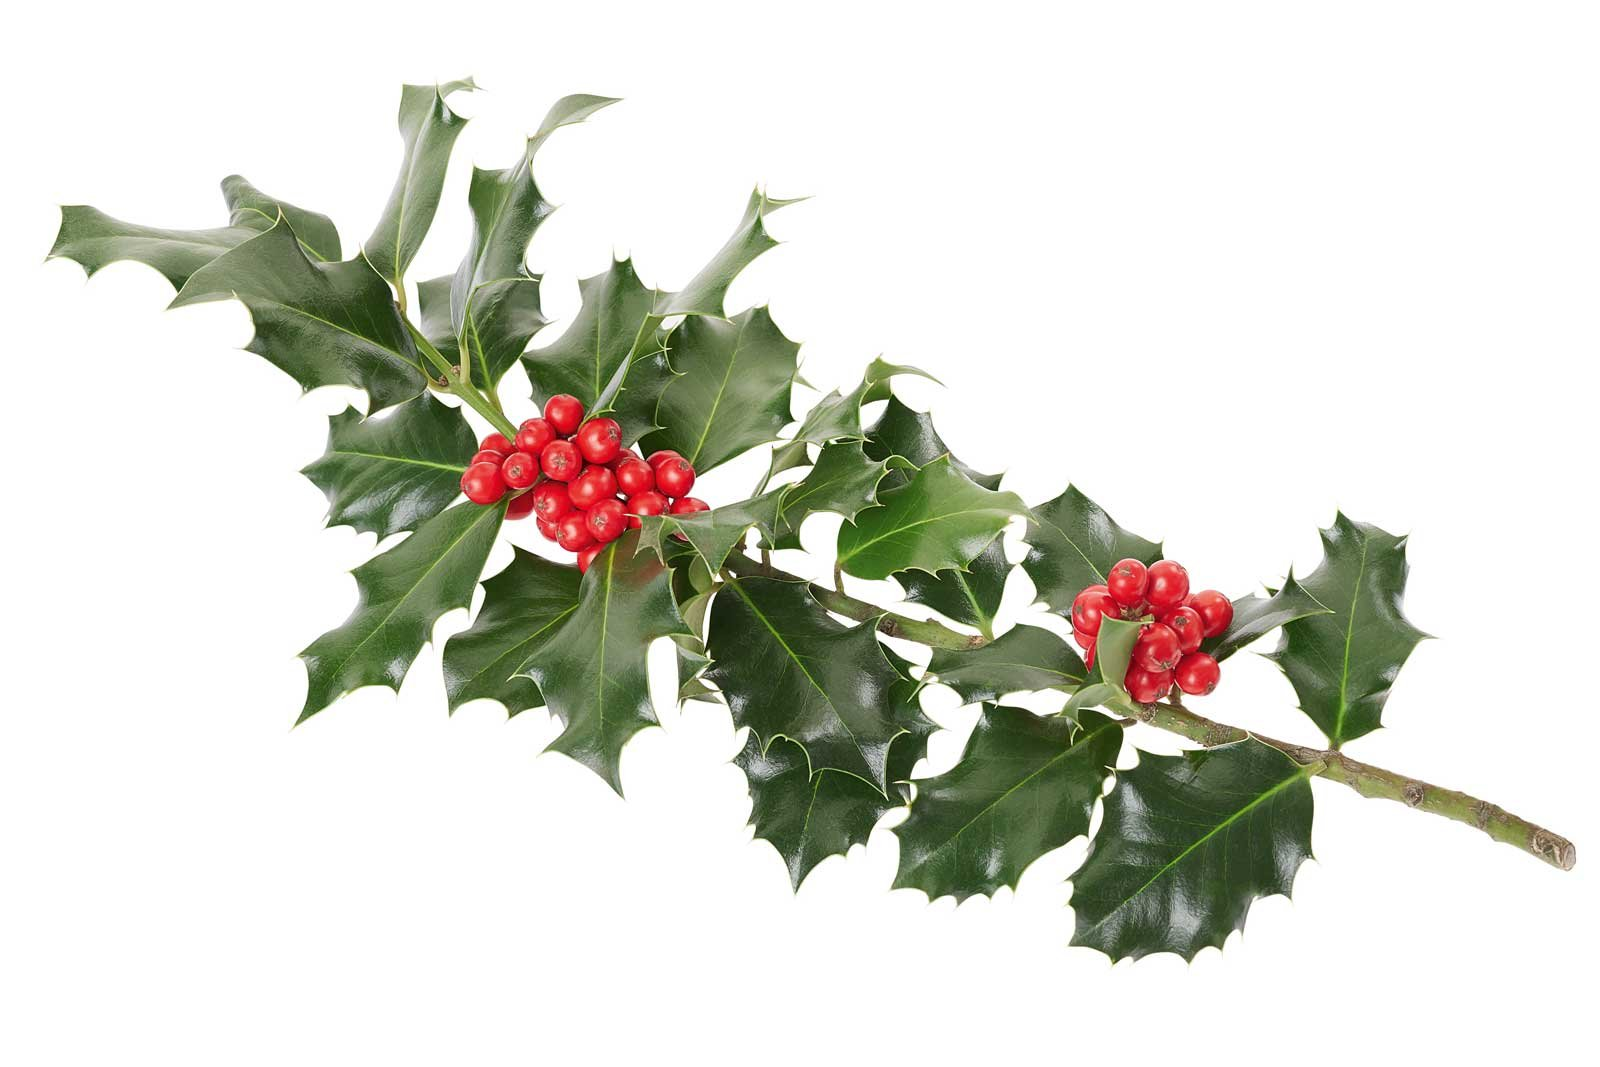 agrifoglio pianta con le bacche rosse d 39 inverno cose di casa. Black Bedroom Furniture Sets. Home Design Ideas